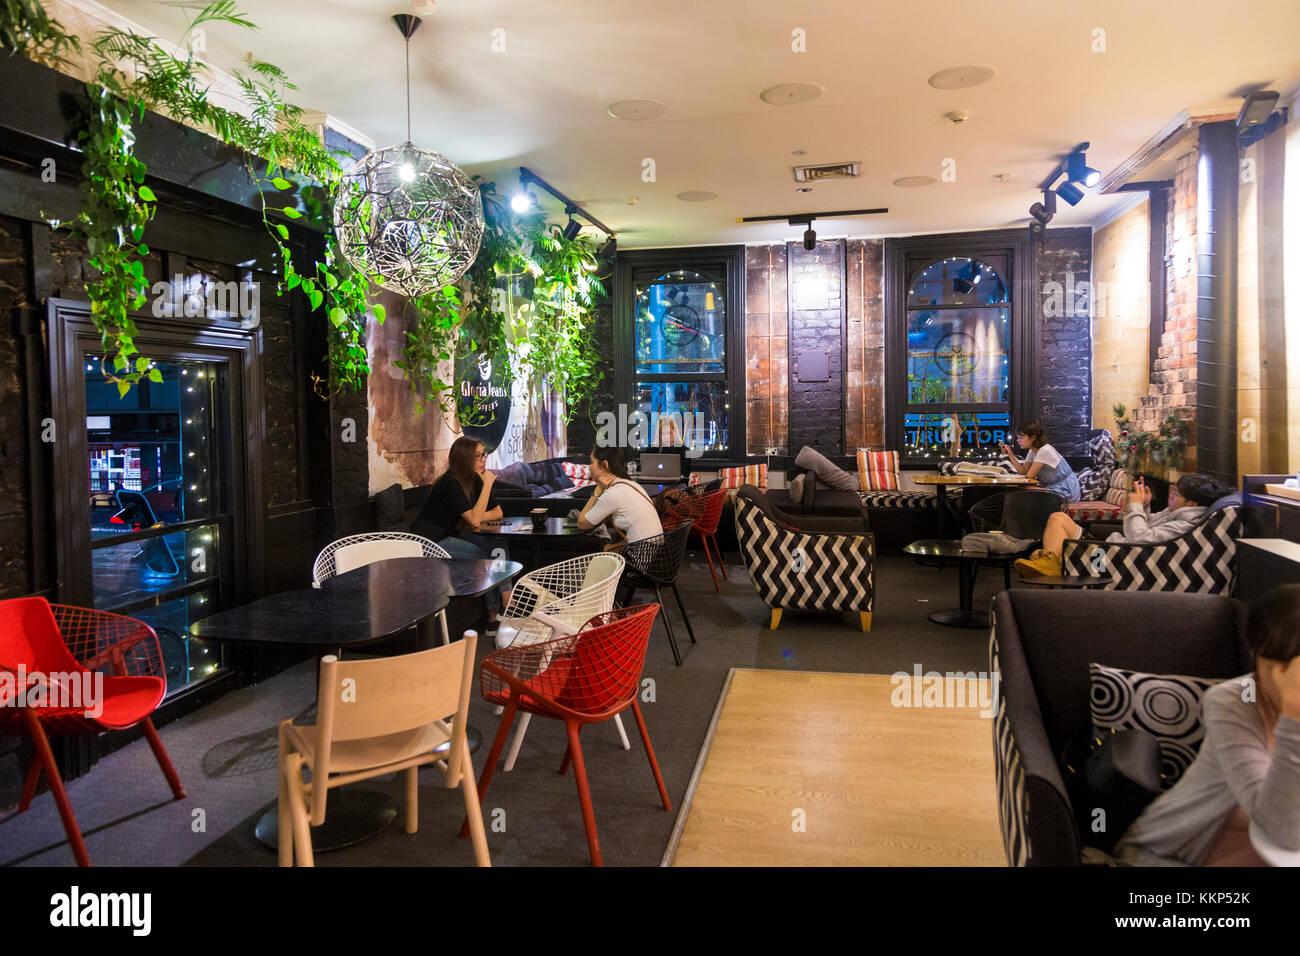 Einrichtung Eines Gemutlichen Eklektisch Cafe Auckland Neuseeland